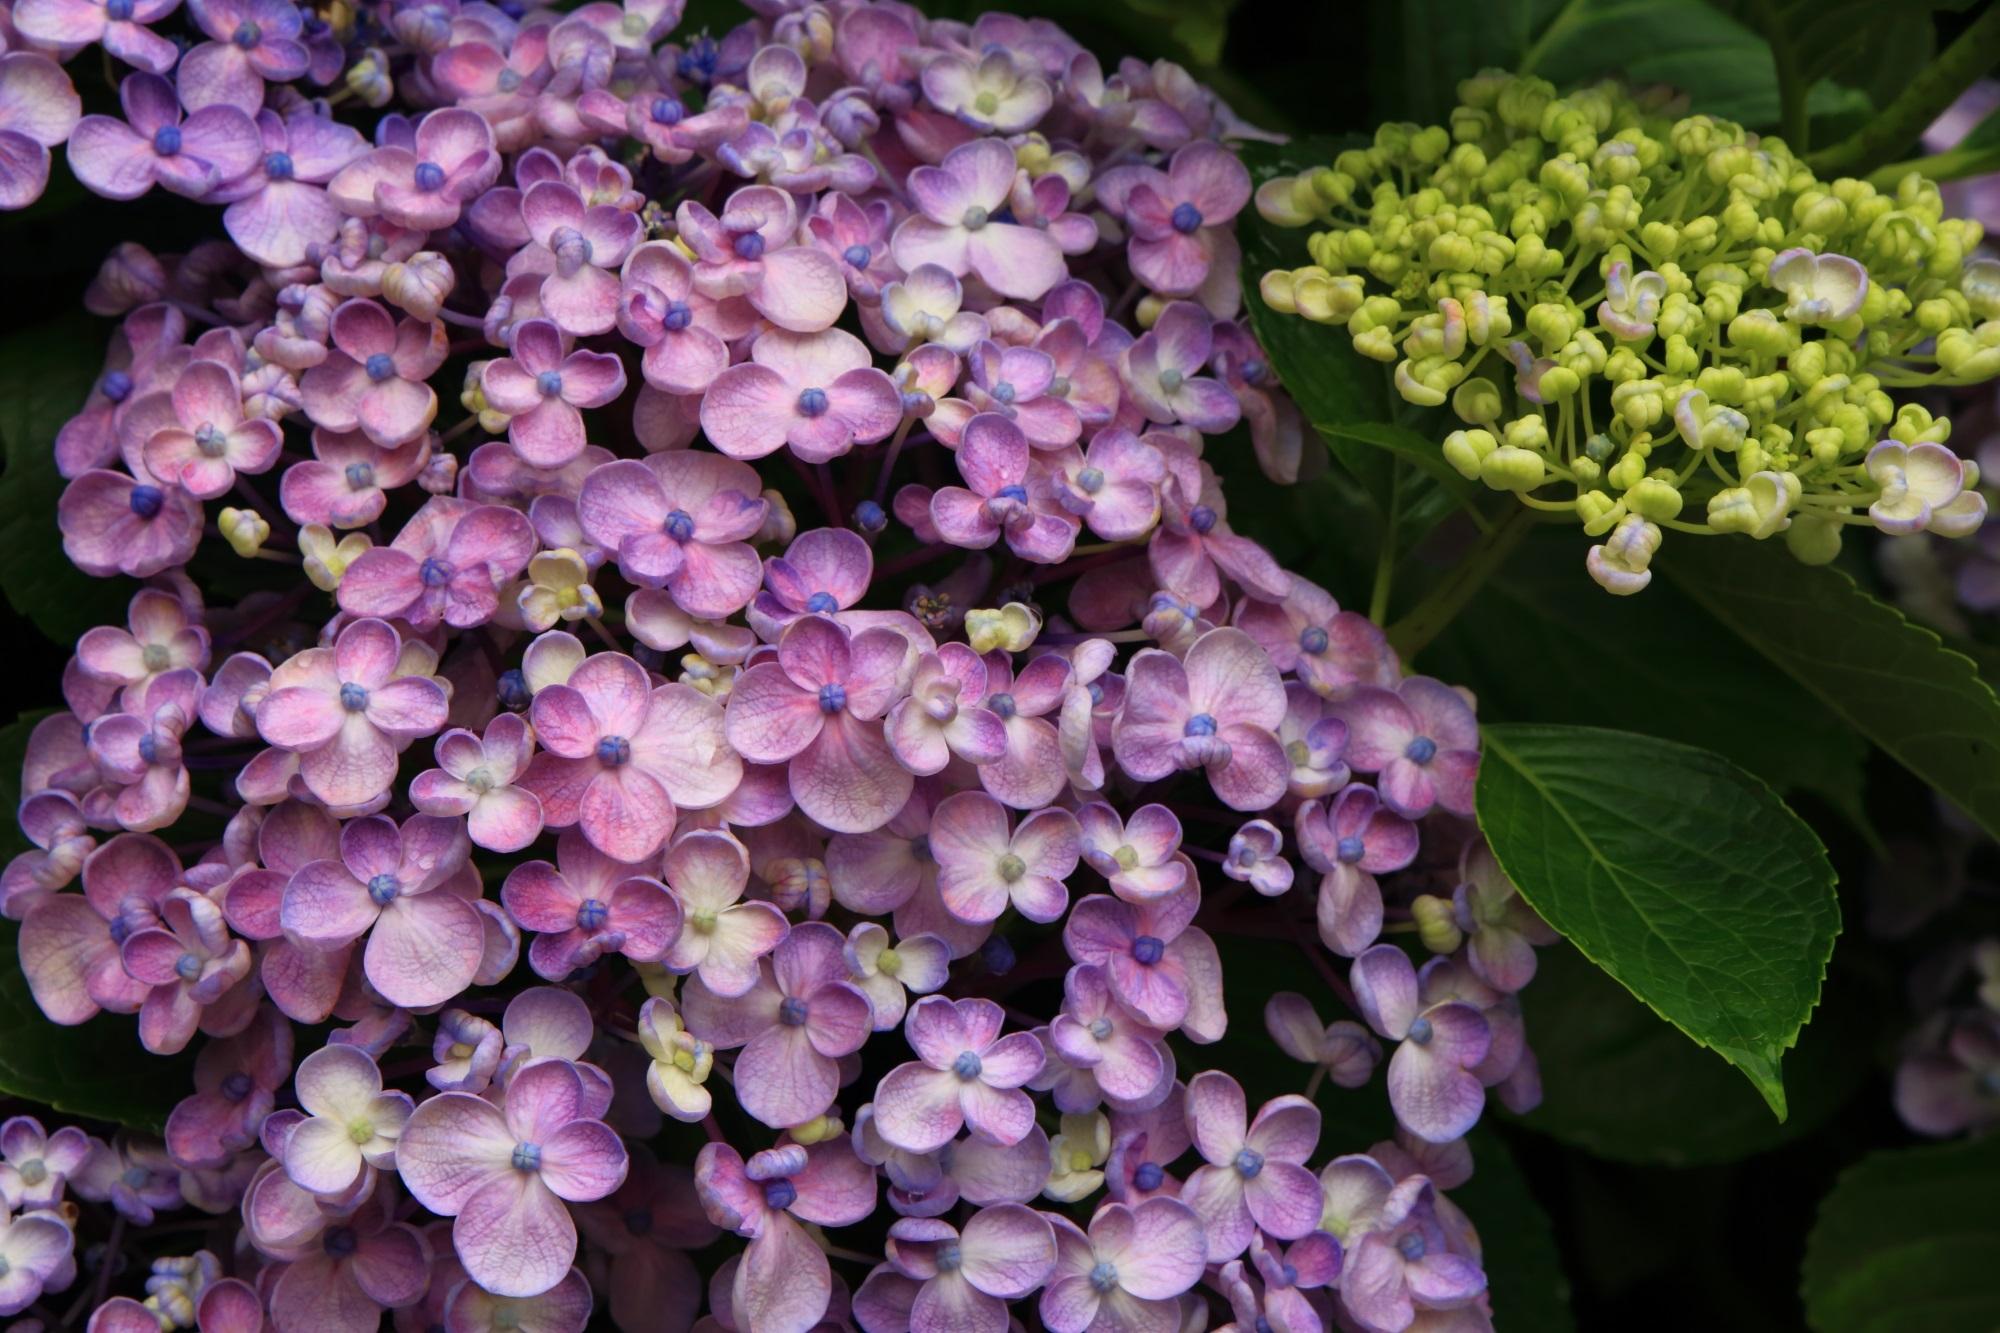 赤が強めのほのかな紫色のお多福紫陽花